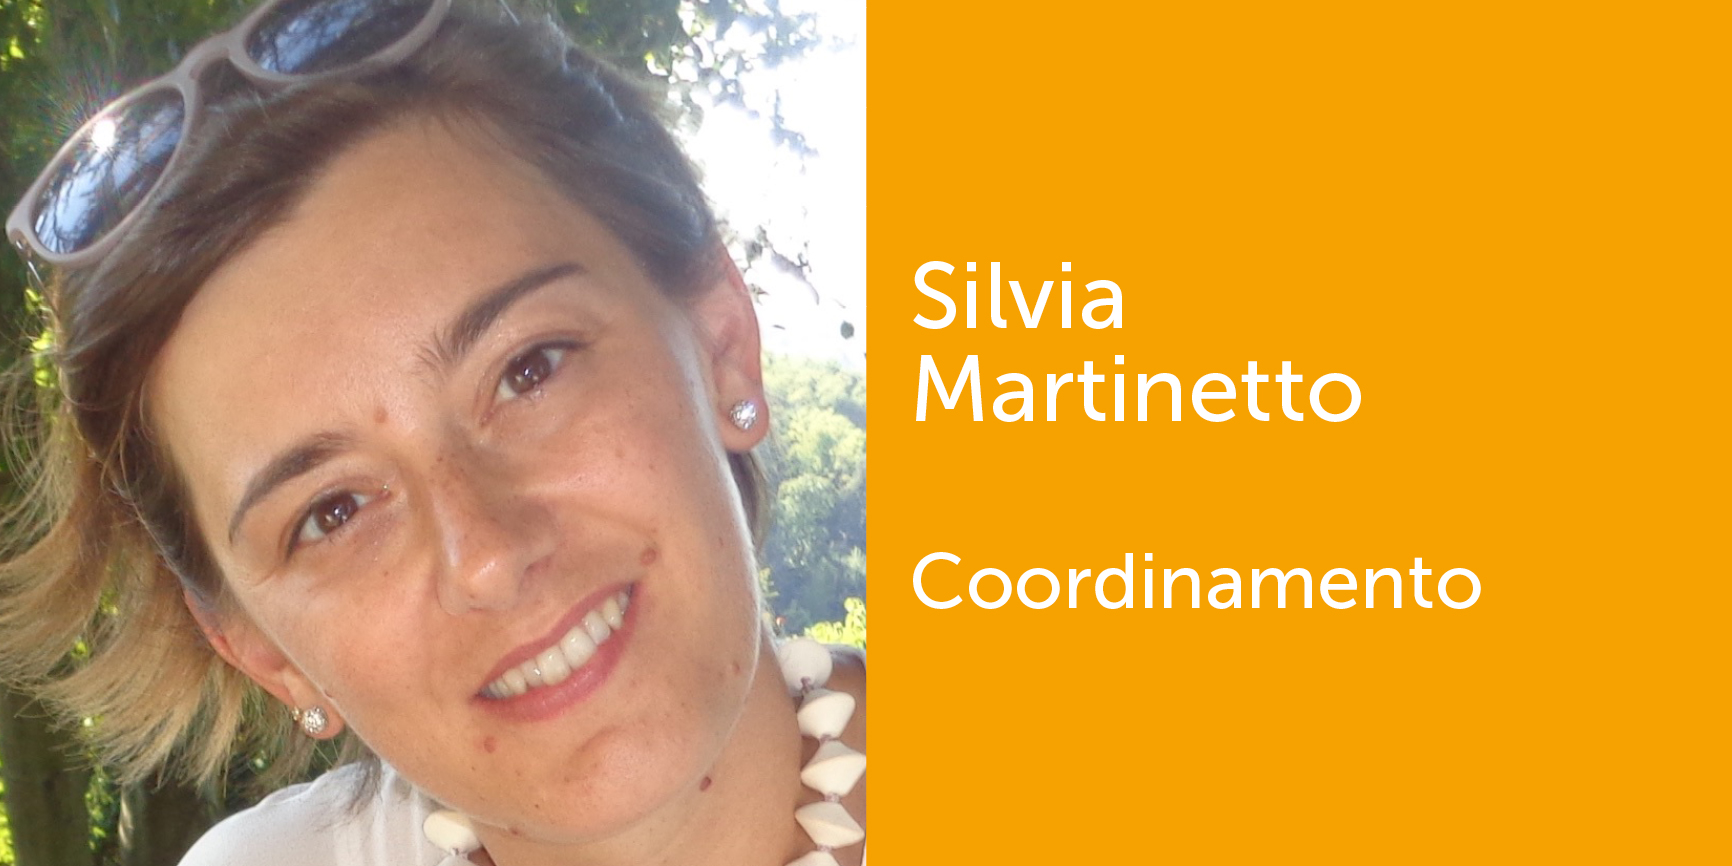 Silvia Martinetto - Coordinamento